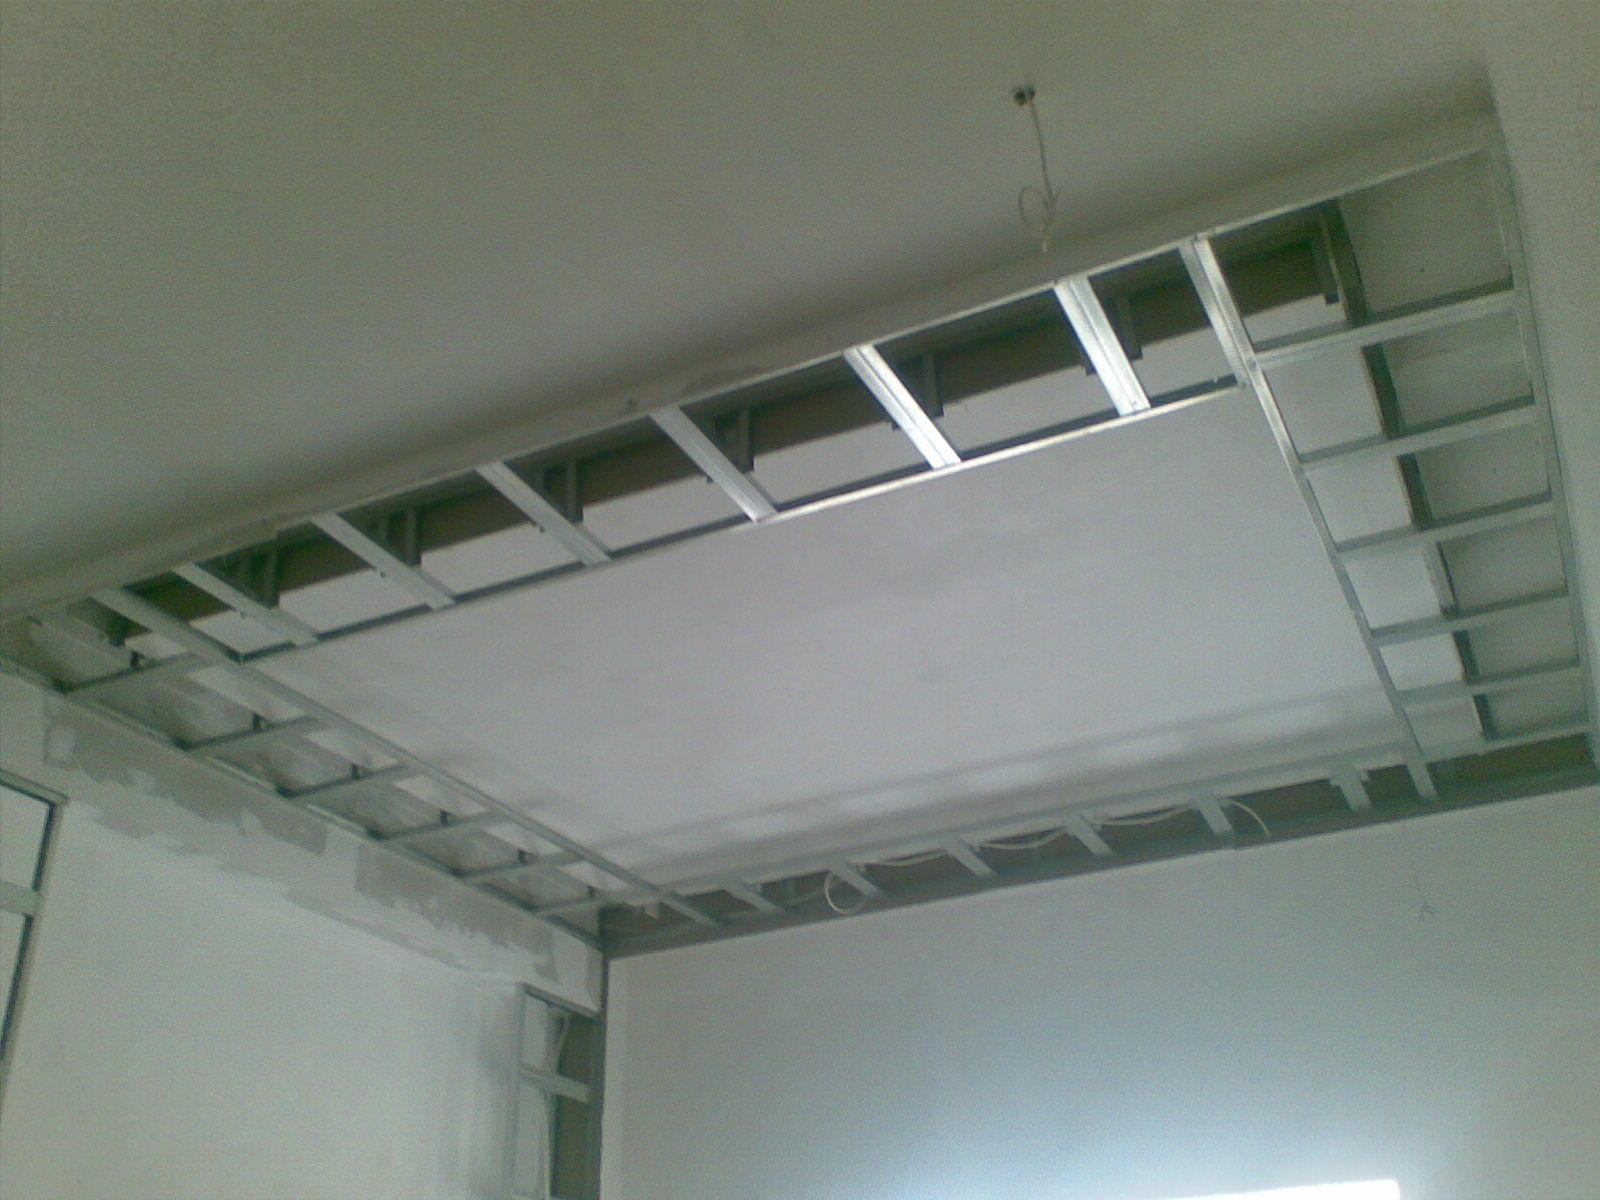 Перед установкой короба из гипсокартона следует полностью очистить потолок и смонтировать макет будущего гипсокартонного короба